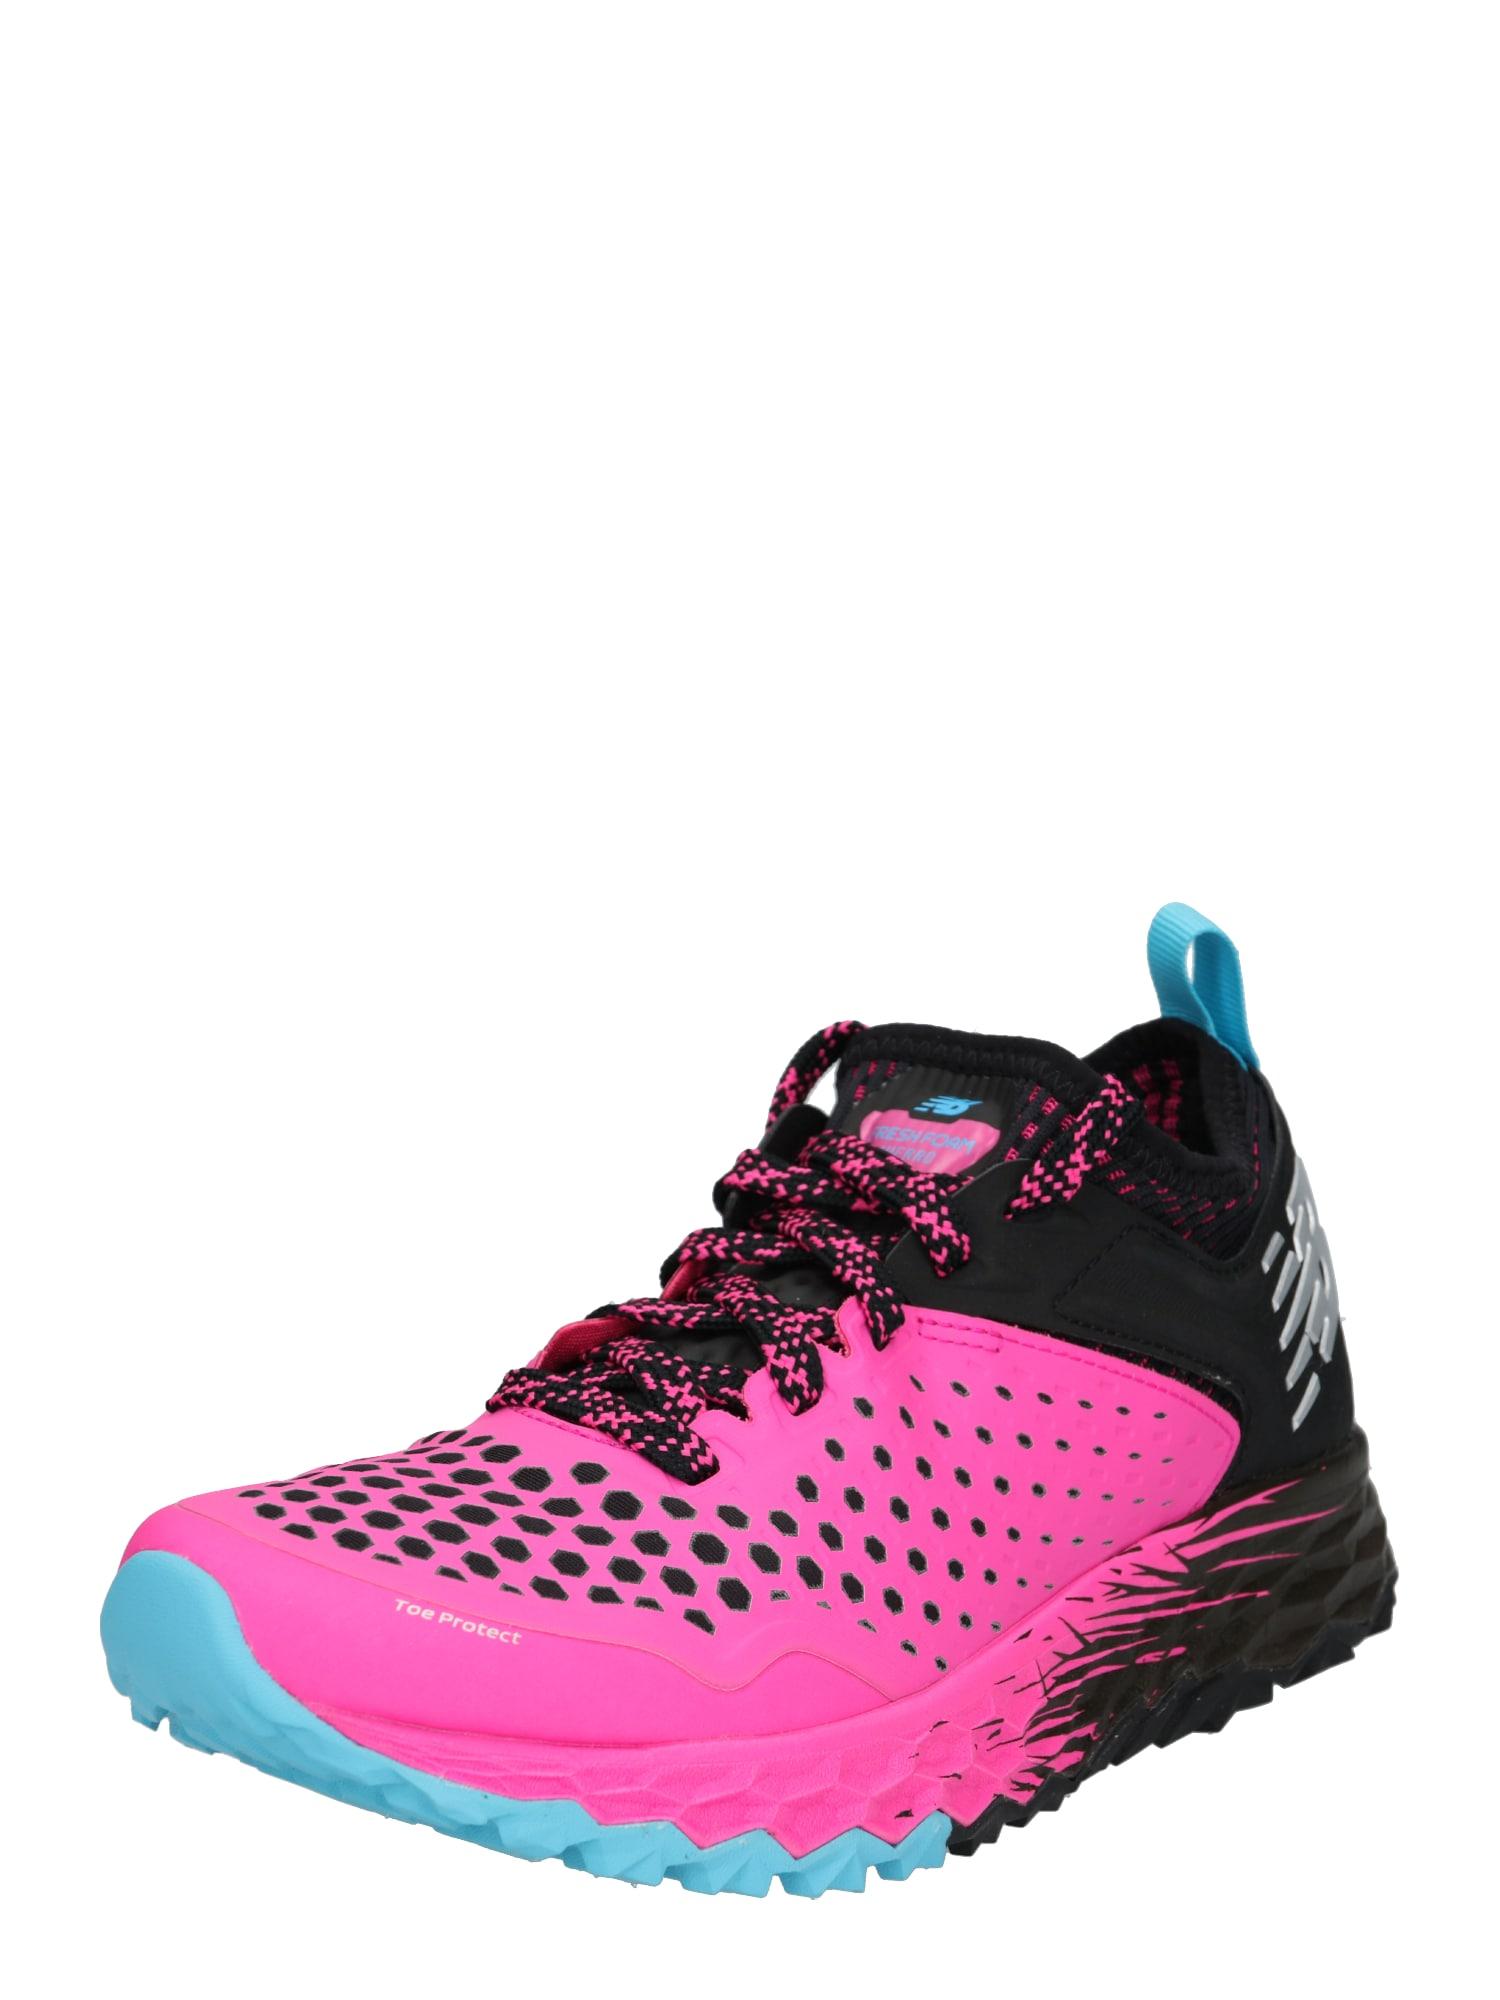 Sportovní boty Hierro v4 pink černá New Balance